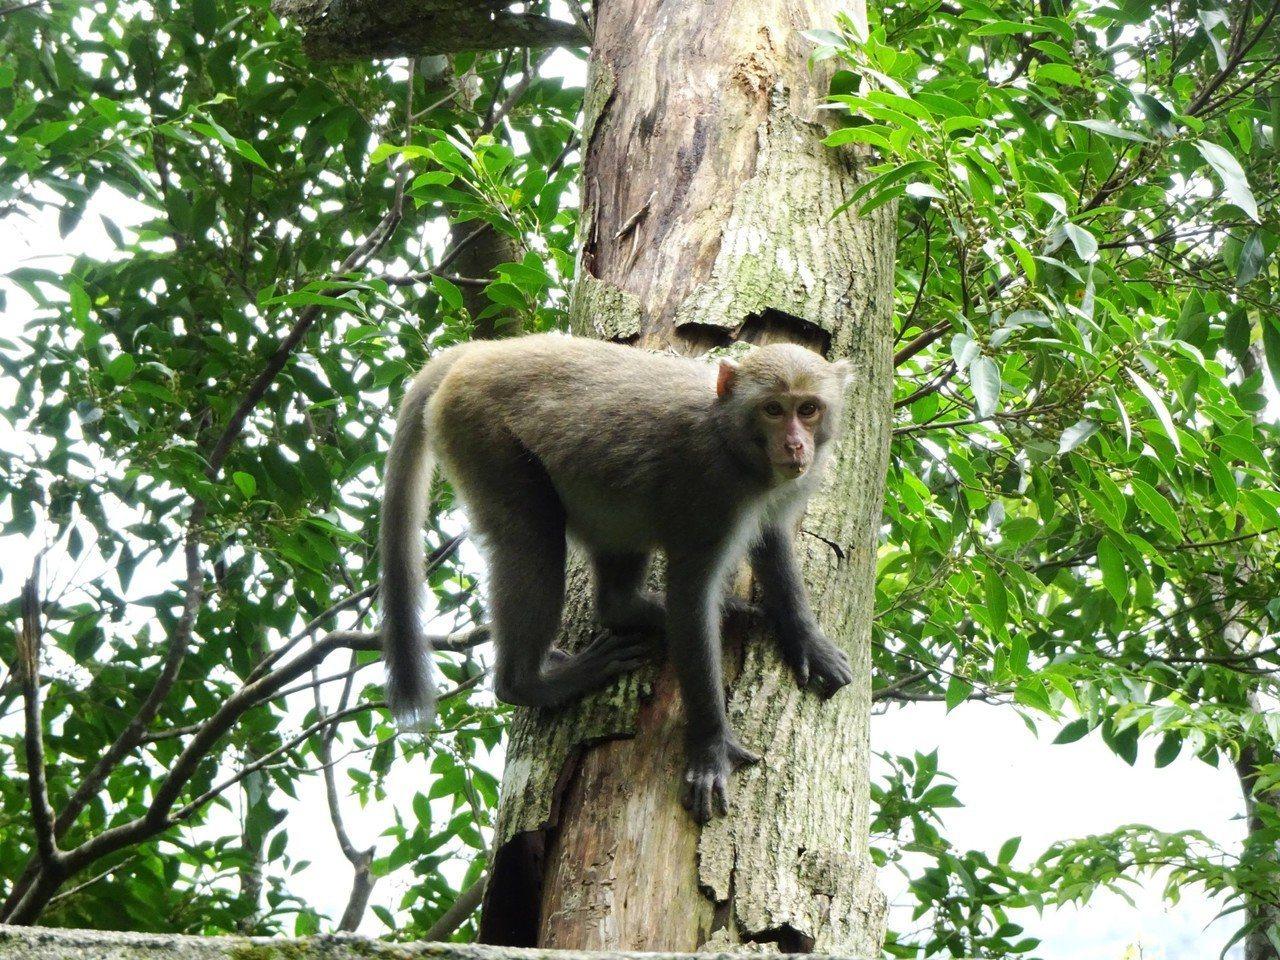 「柴山獼猴」群聚山頭,旅客來此需特別注意(示意圖)。圖/林管處提供